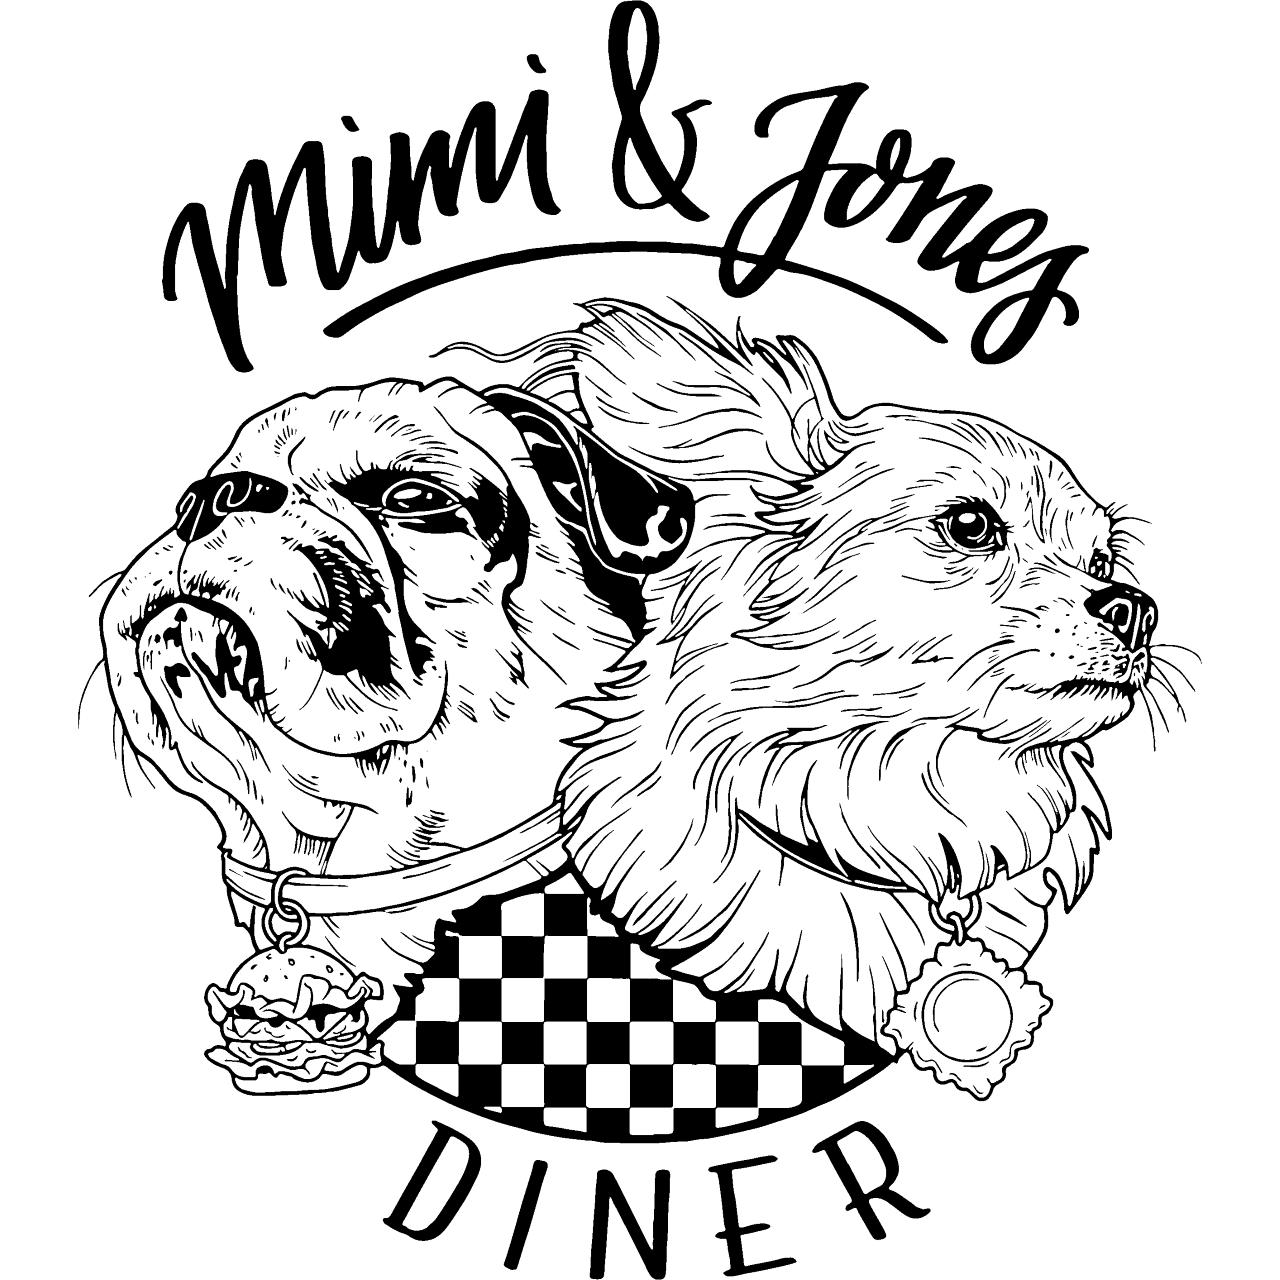 Mimi & Jones